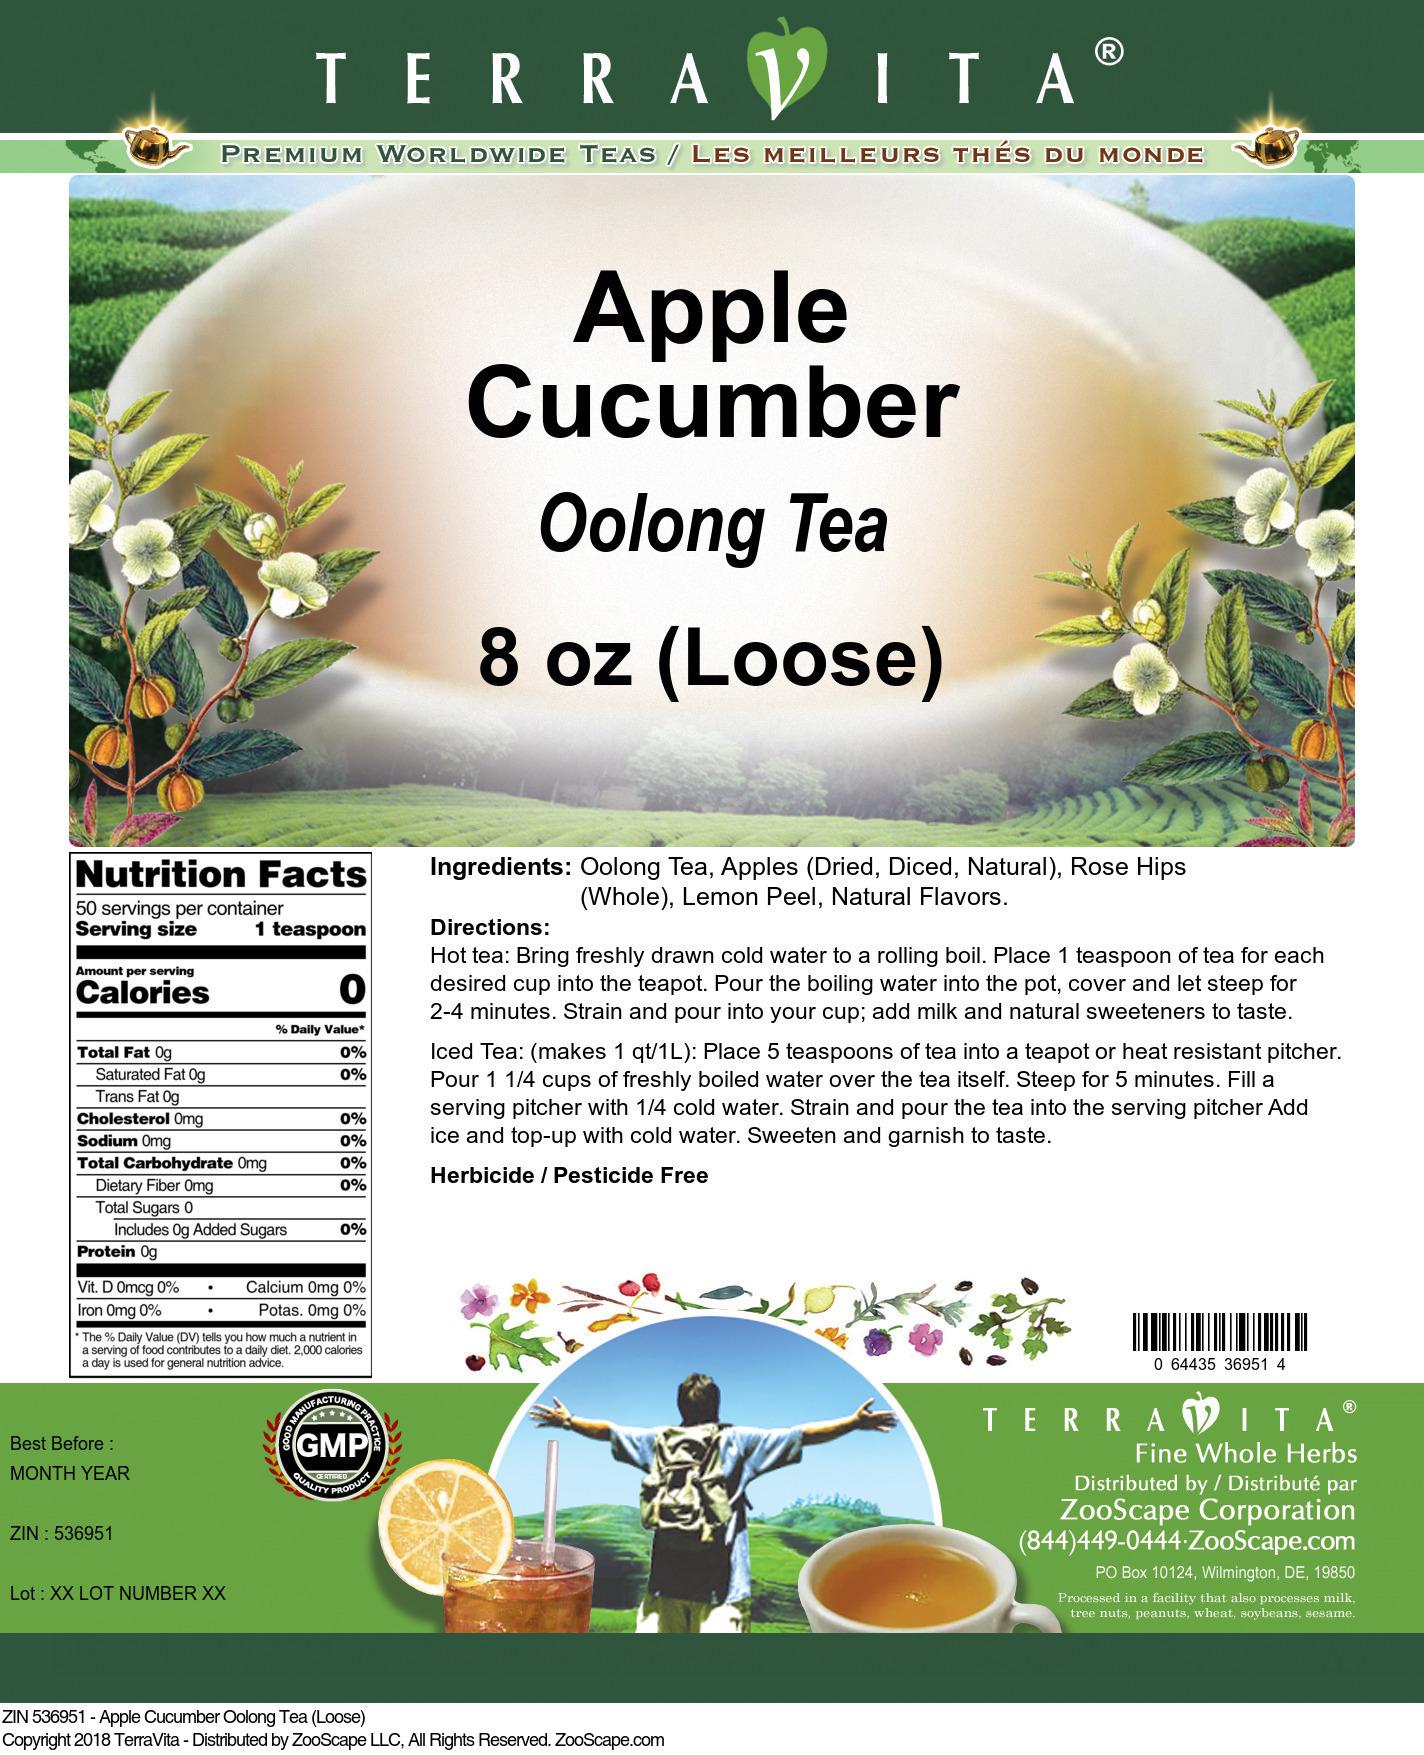 Apple Cucumber Oolong Tea (Loose)